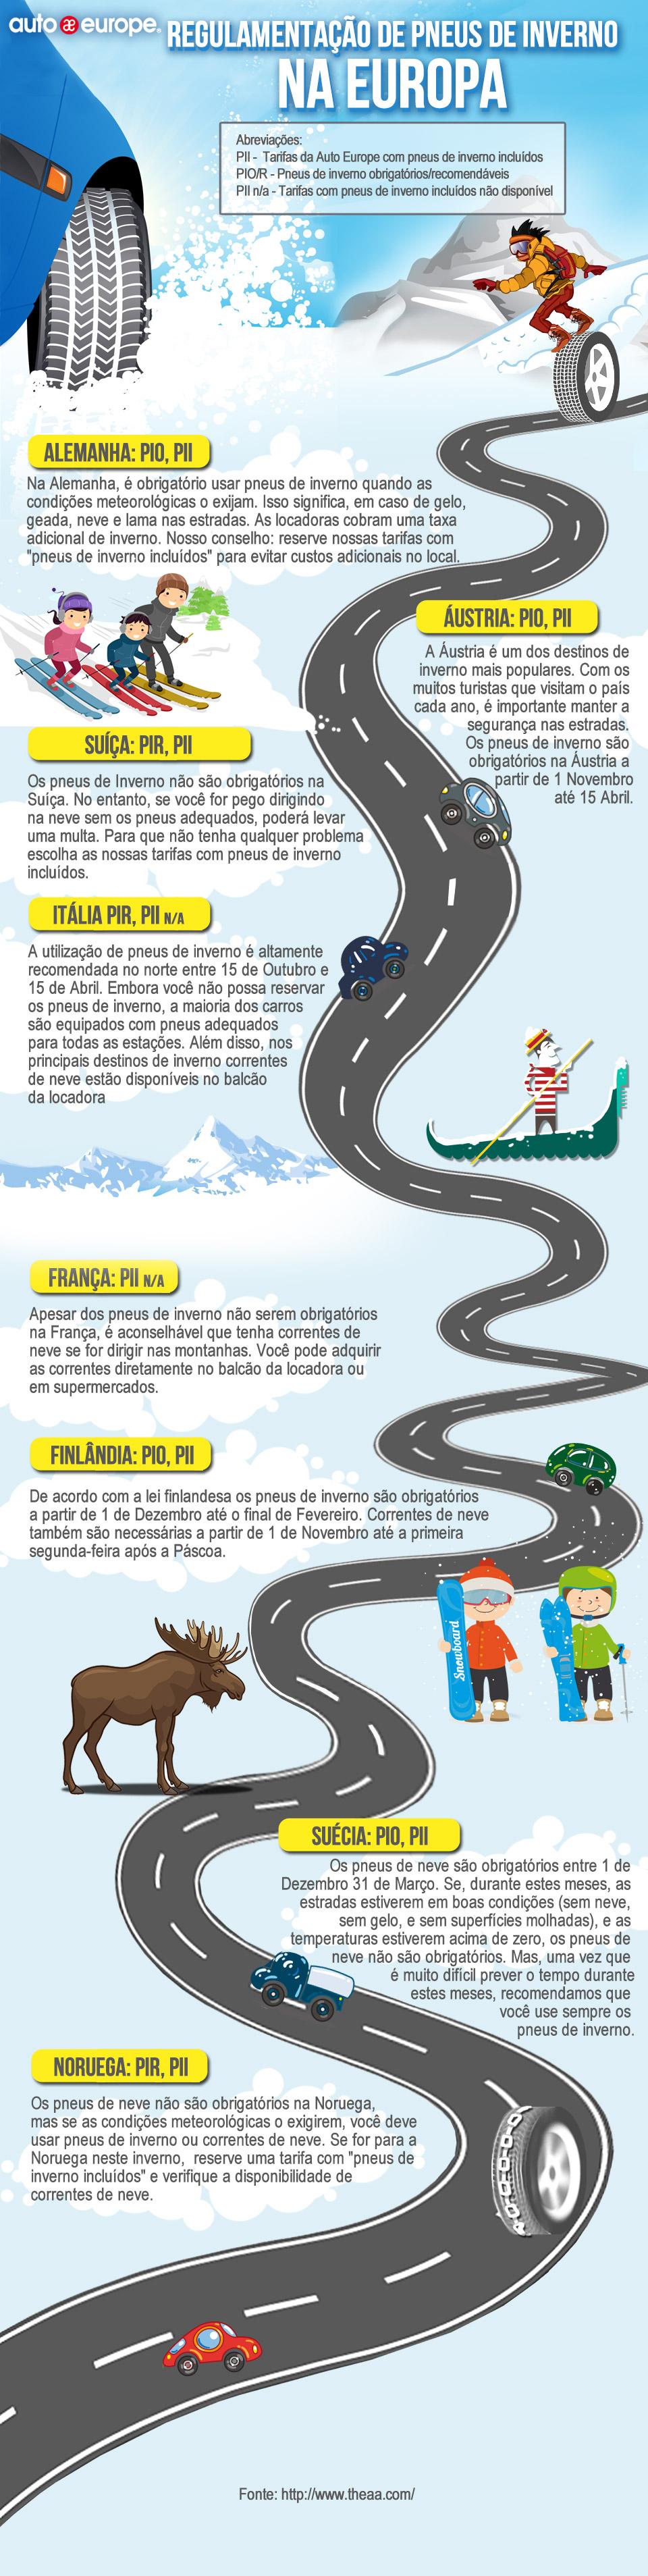 Regulamentação de pneus de inverno na Europa | Auto Europe